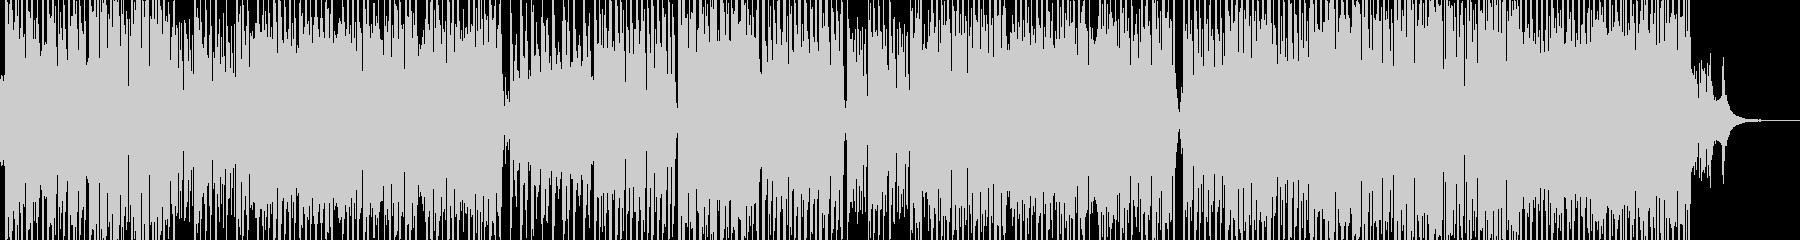 民族的で原始的なテクノポップ エレキ無Bの未再生の波形